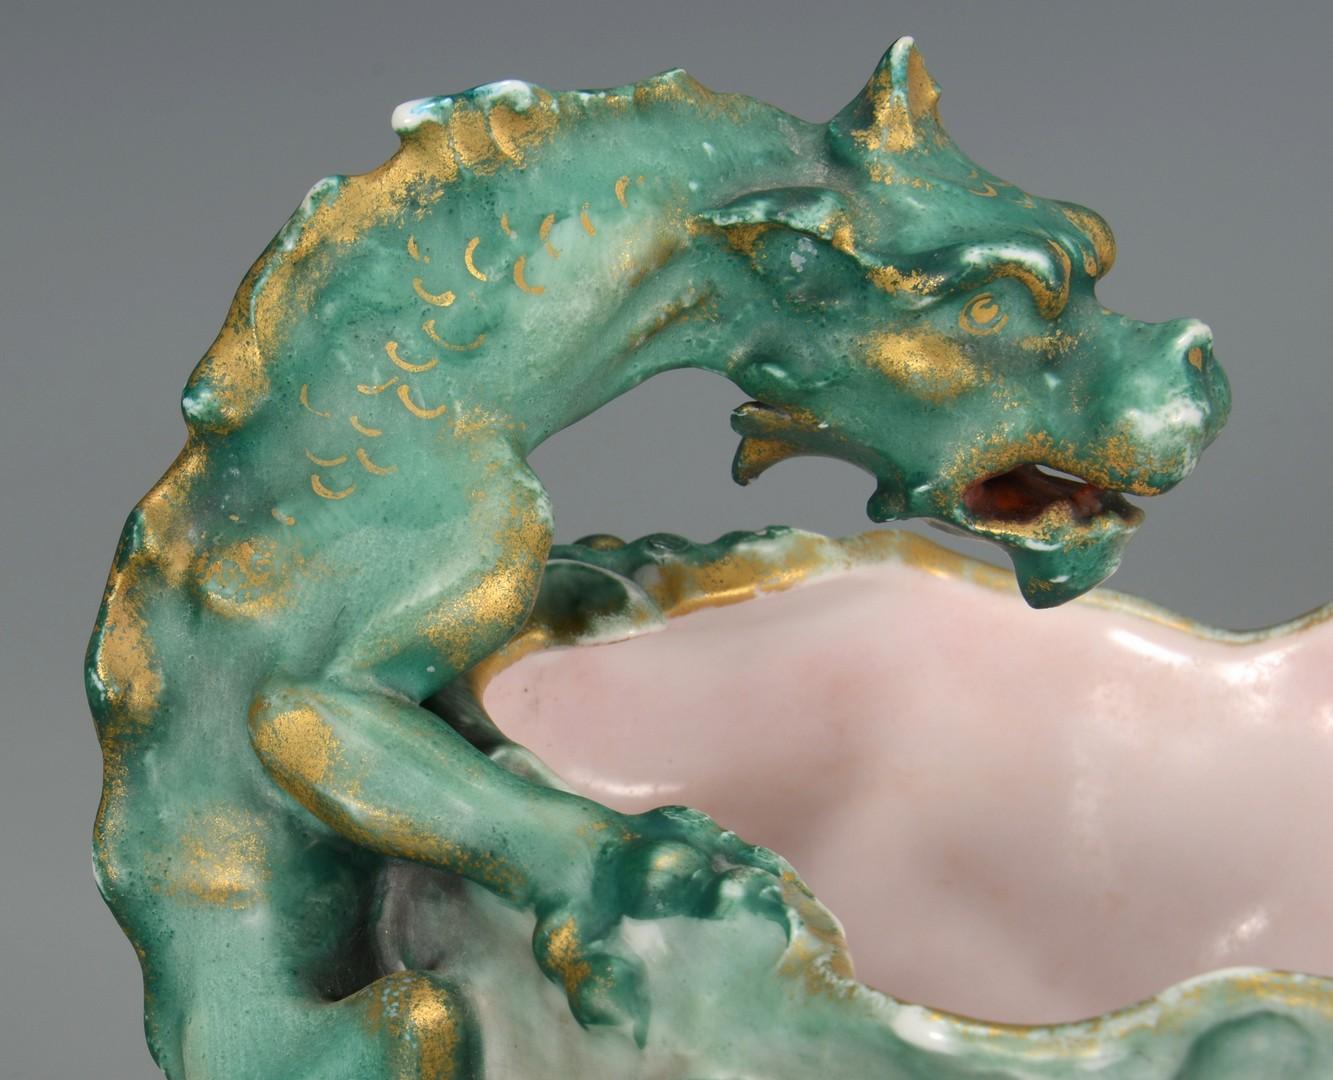 Lot 3594253: 2 pcs. Continental Porcelain, Dragon Decoration